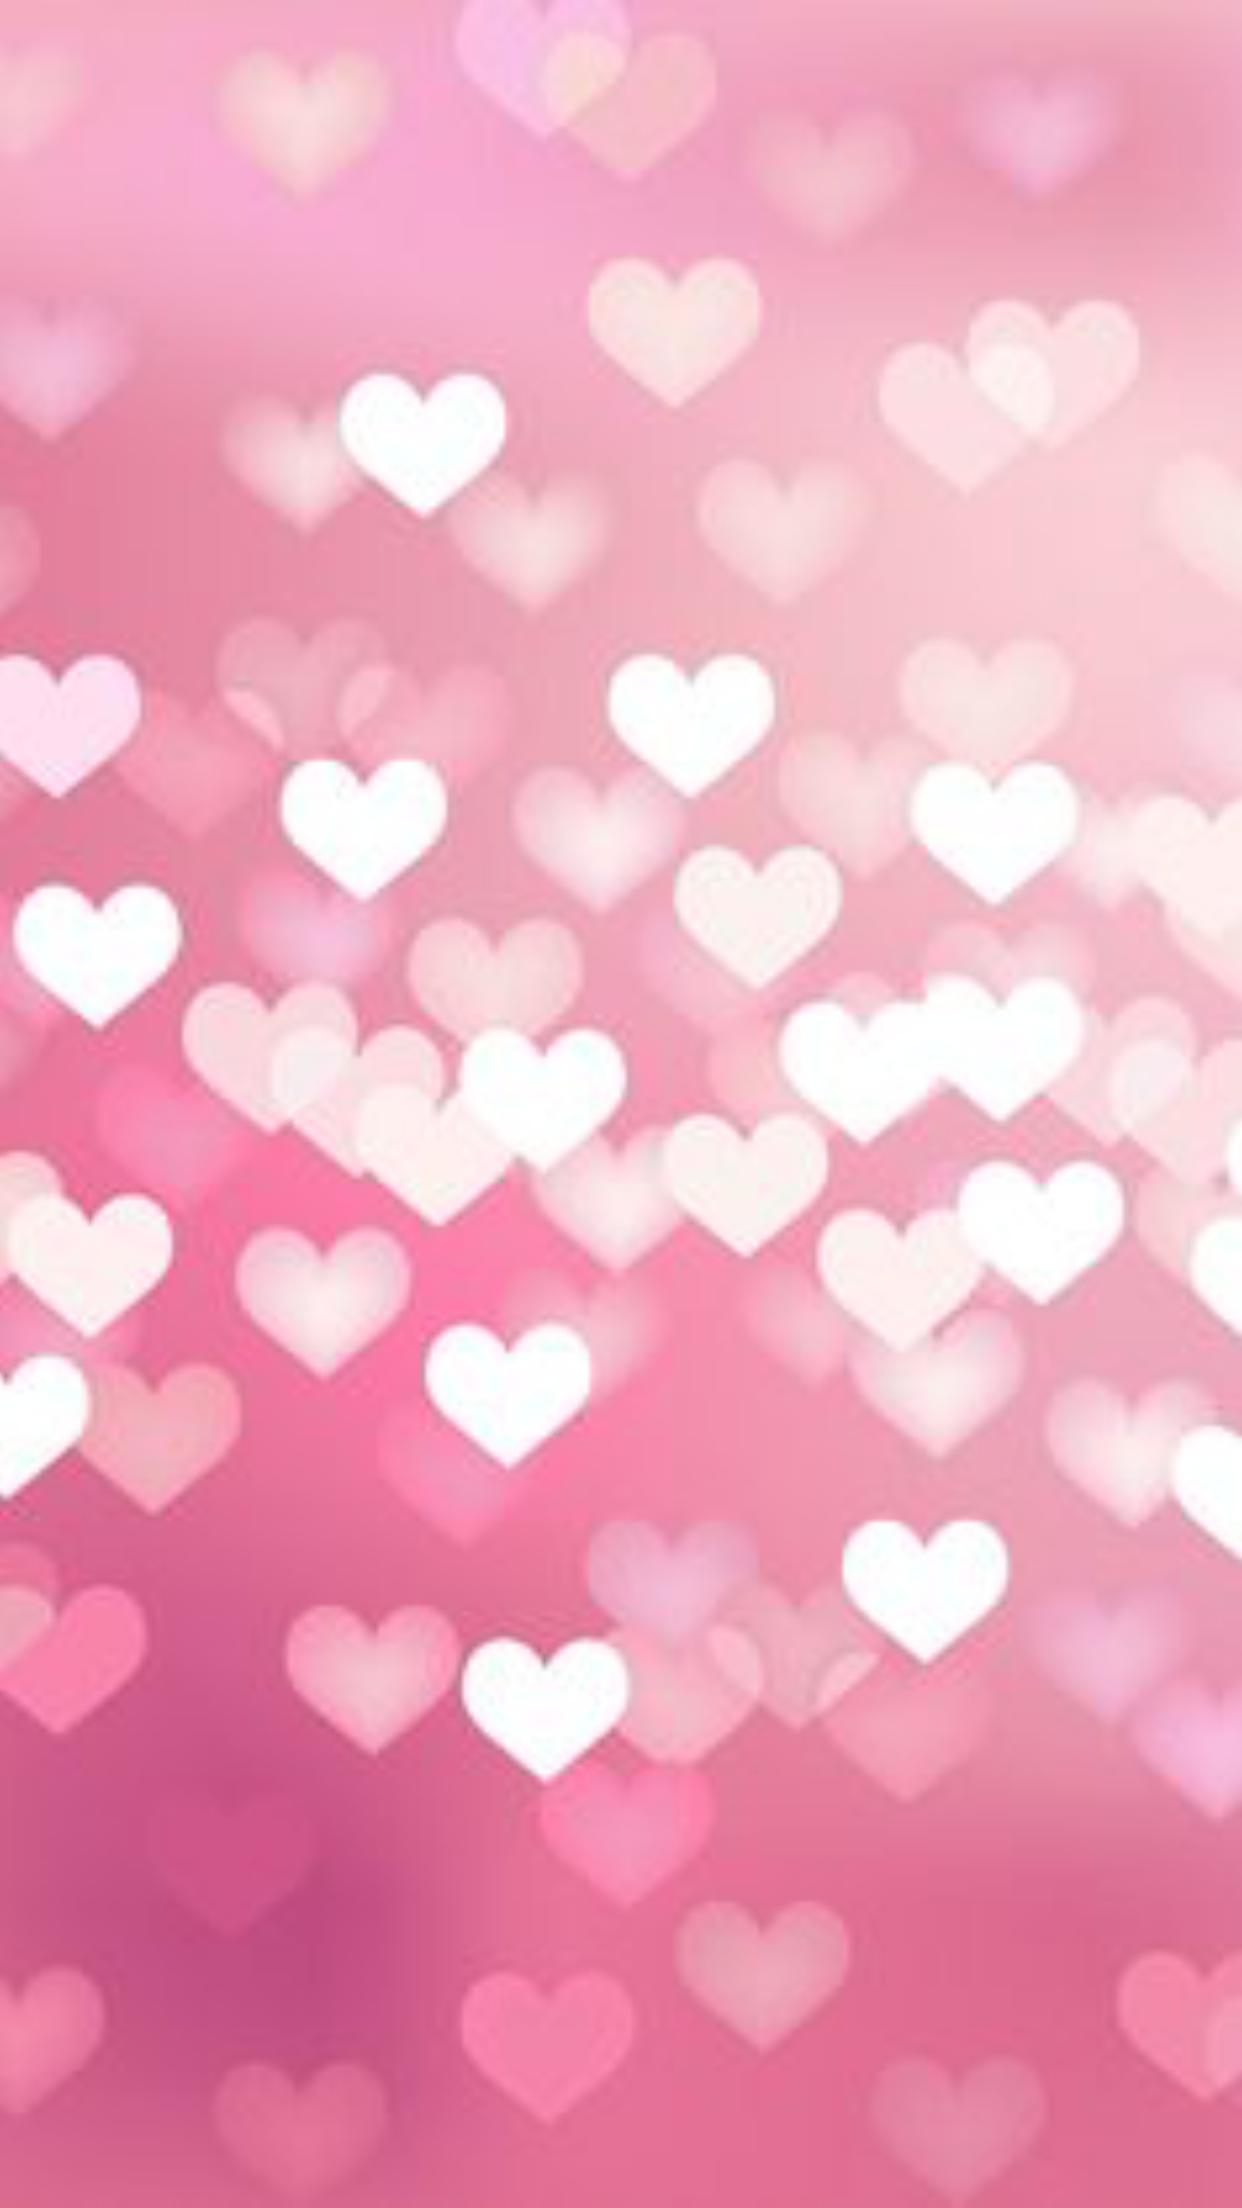 Tech Wallpapers Heart Iphone Wallpaper Pink Wallpaper Iphone Heart Wallpaper